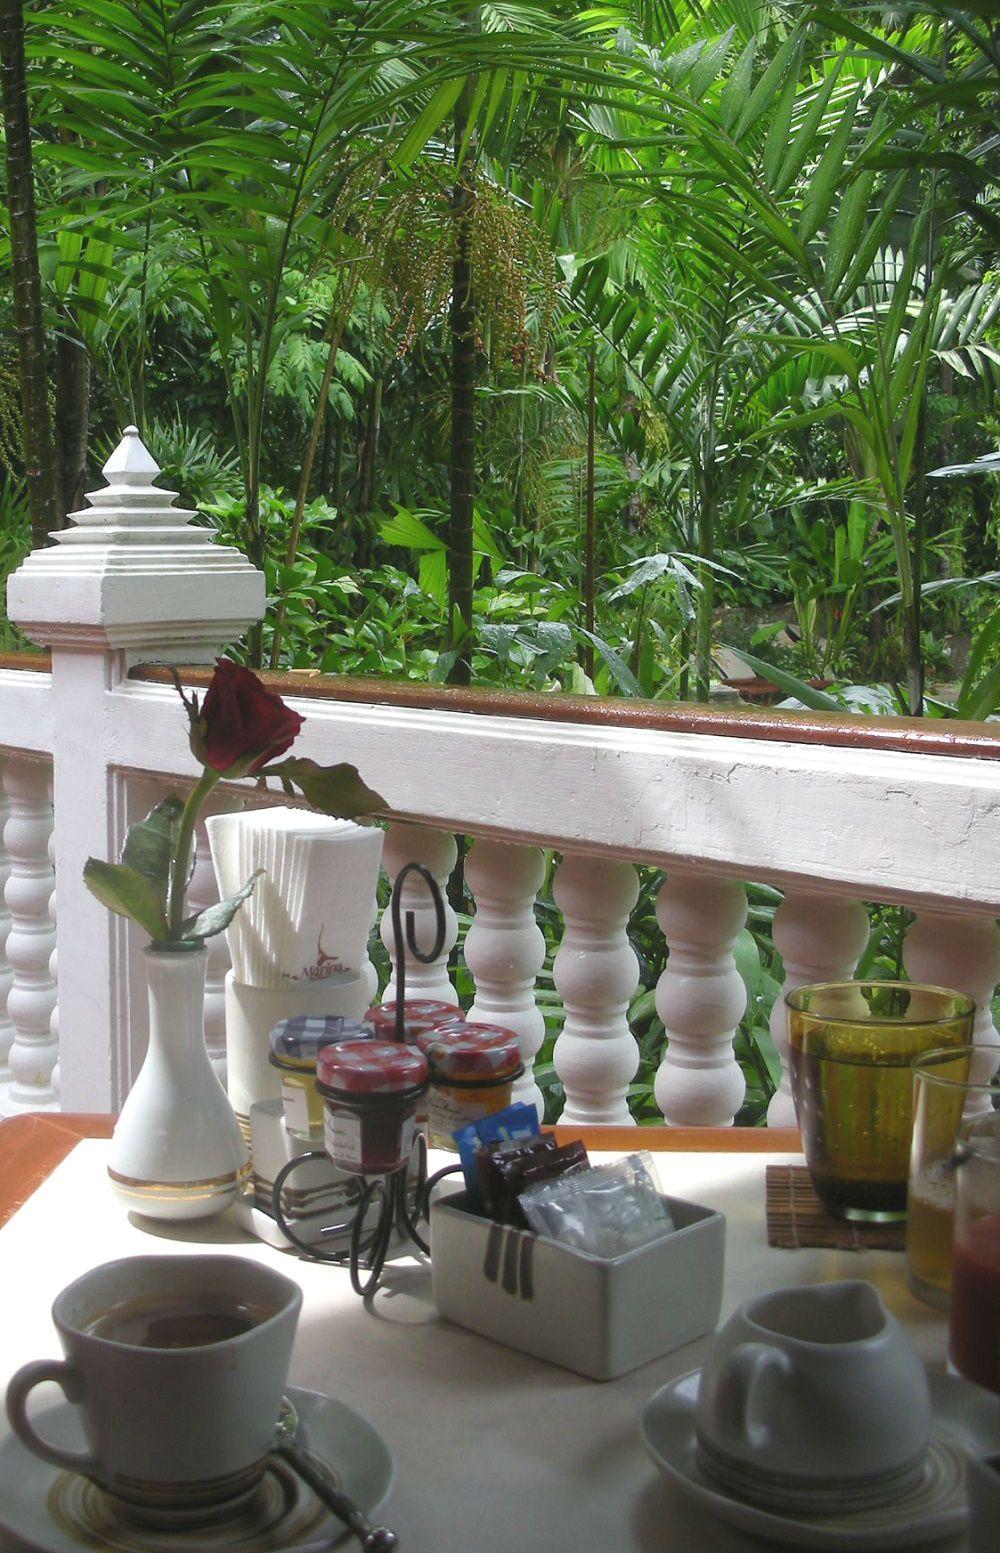 亜熱帯のジャングルの中でいただくマリーナプーケットリゾートのブレックファースト